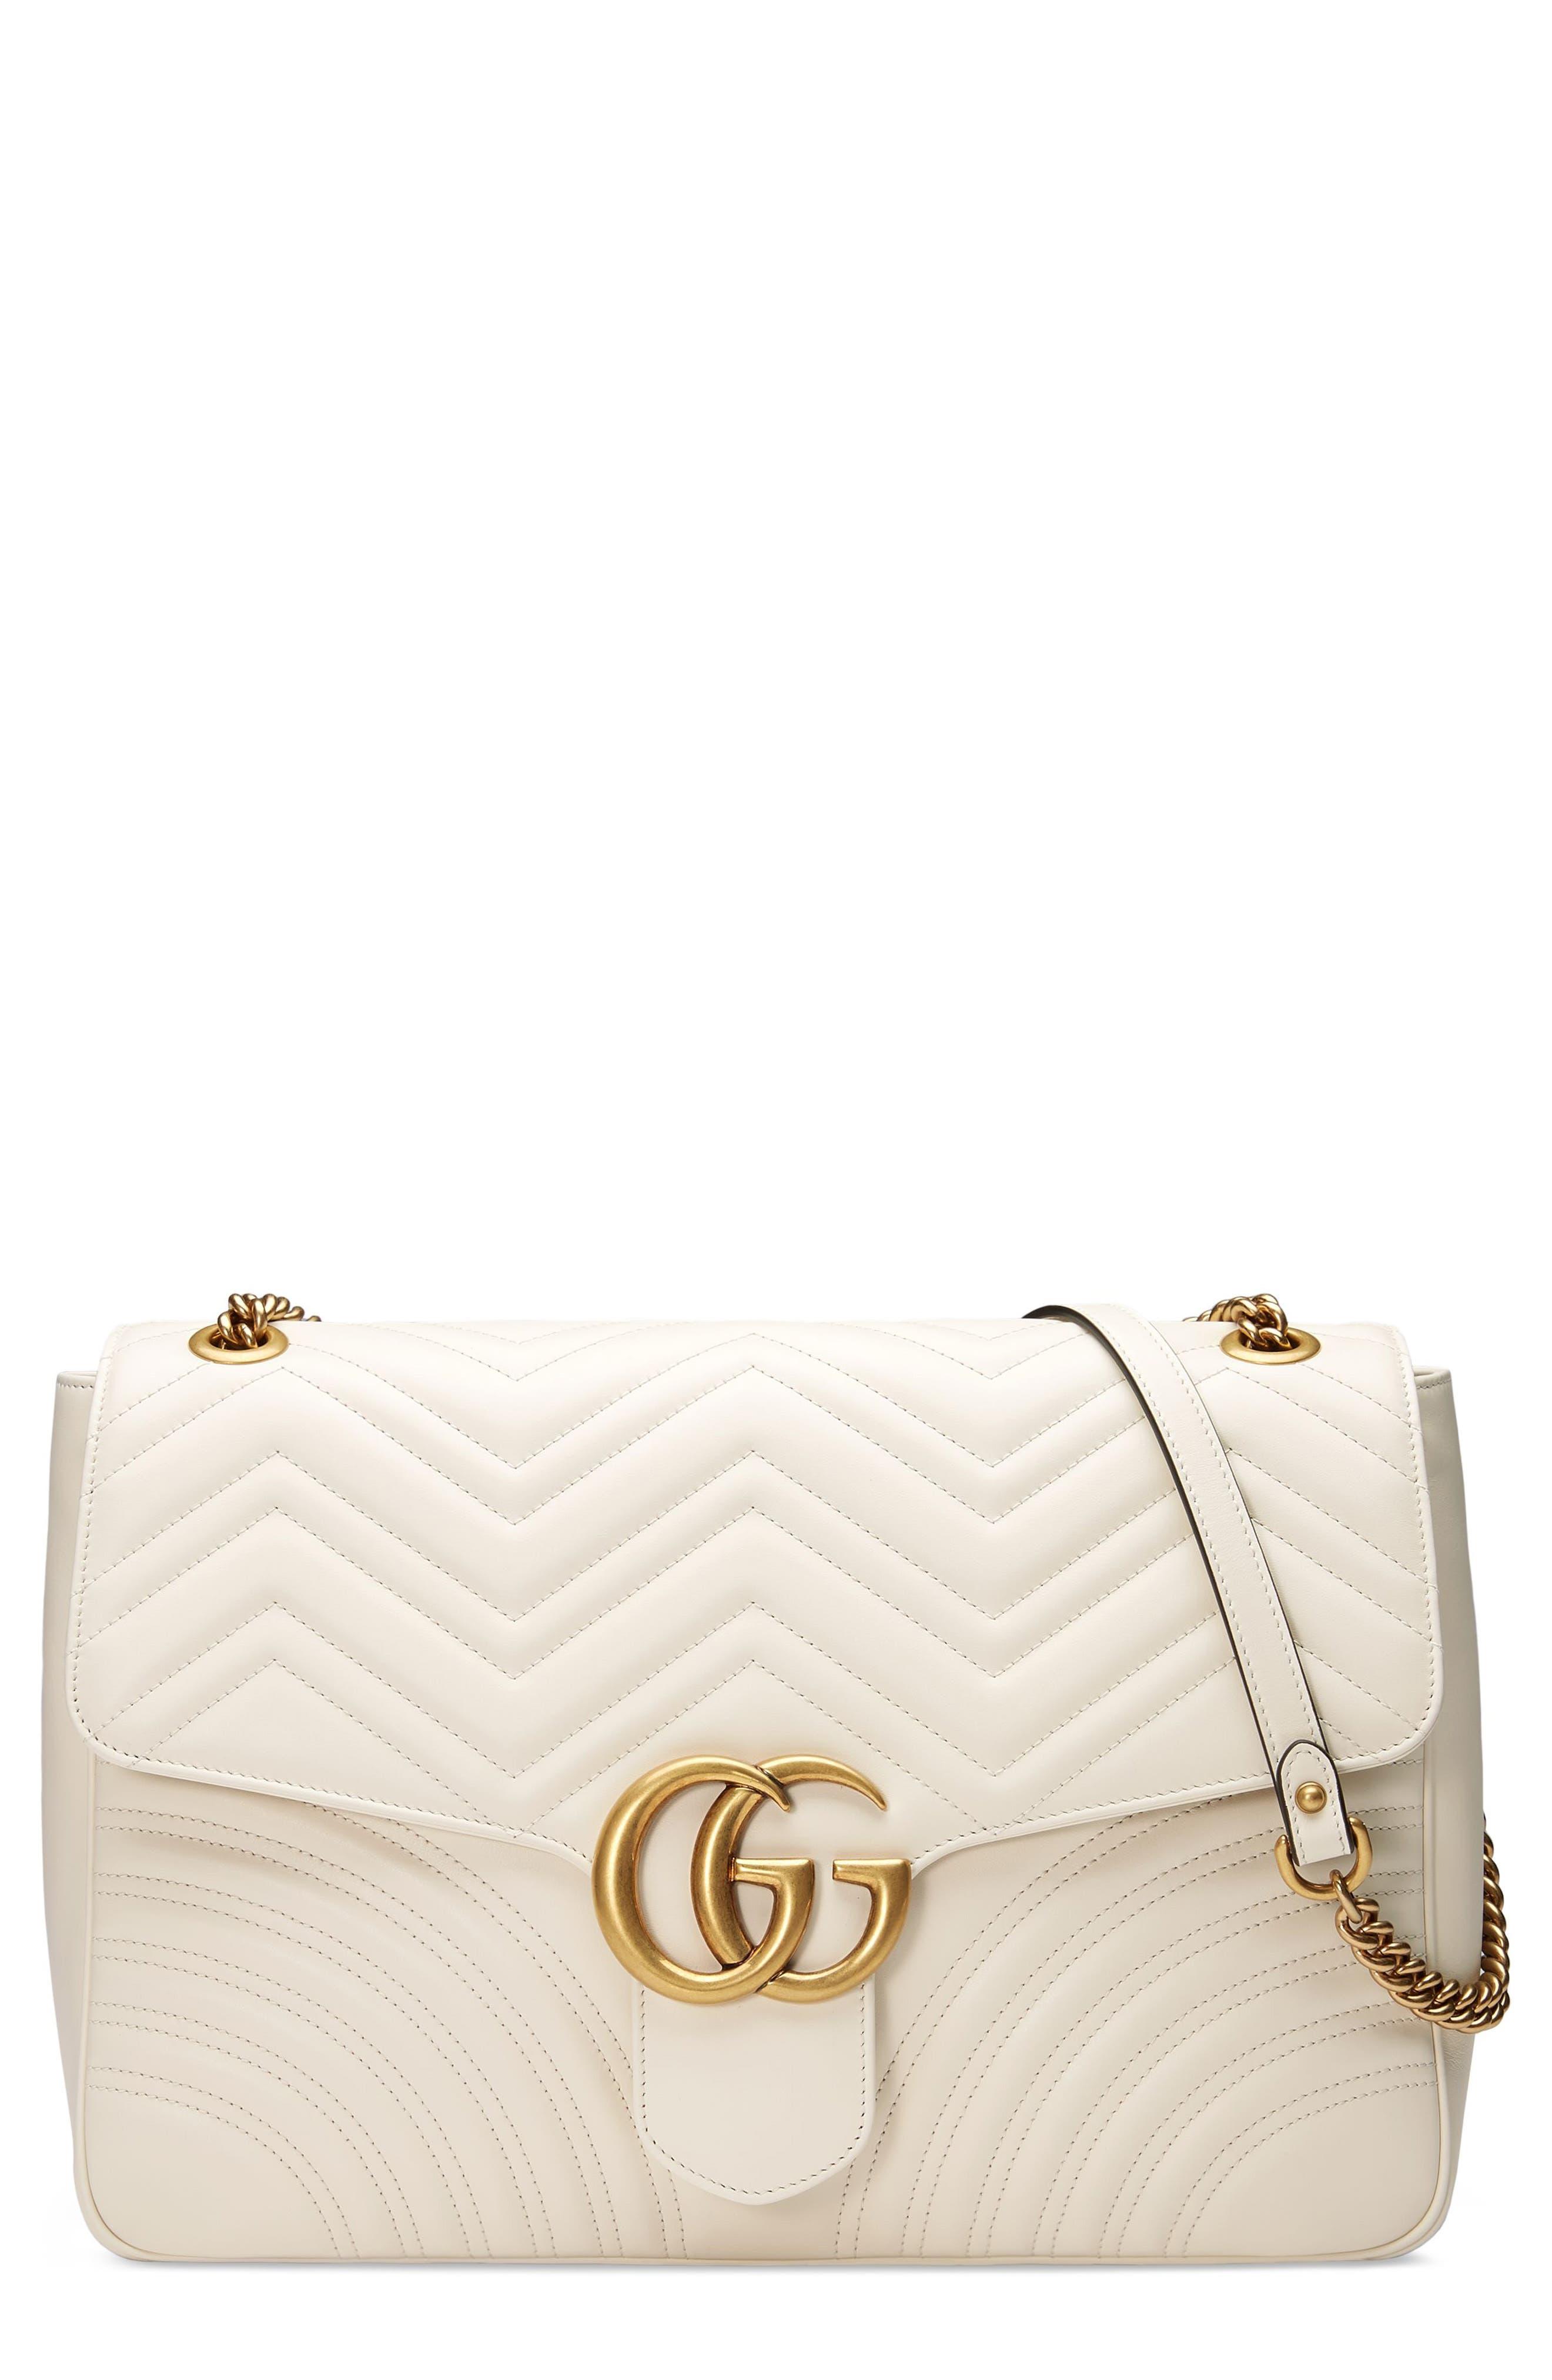 Gucci GG Large Marmont 2.0 Matelassé Leather Shoulder Bag